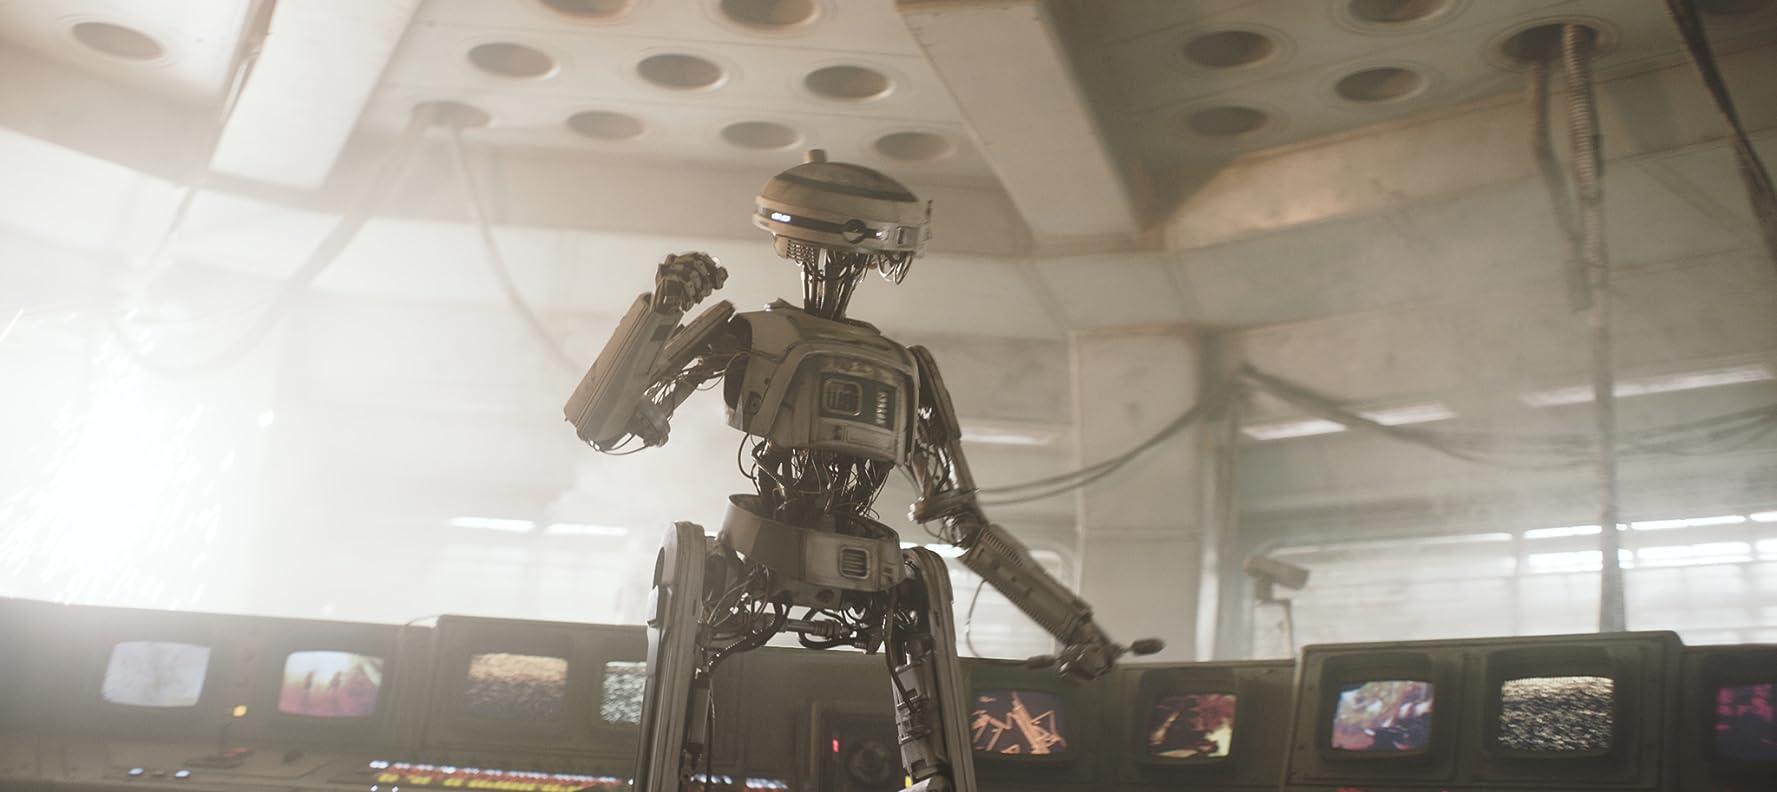 Phoebe Waller-Bridge in Solo: A Star Wars Story (2018)